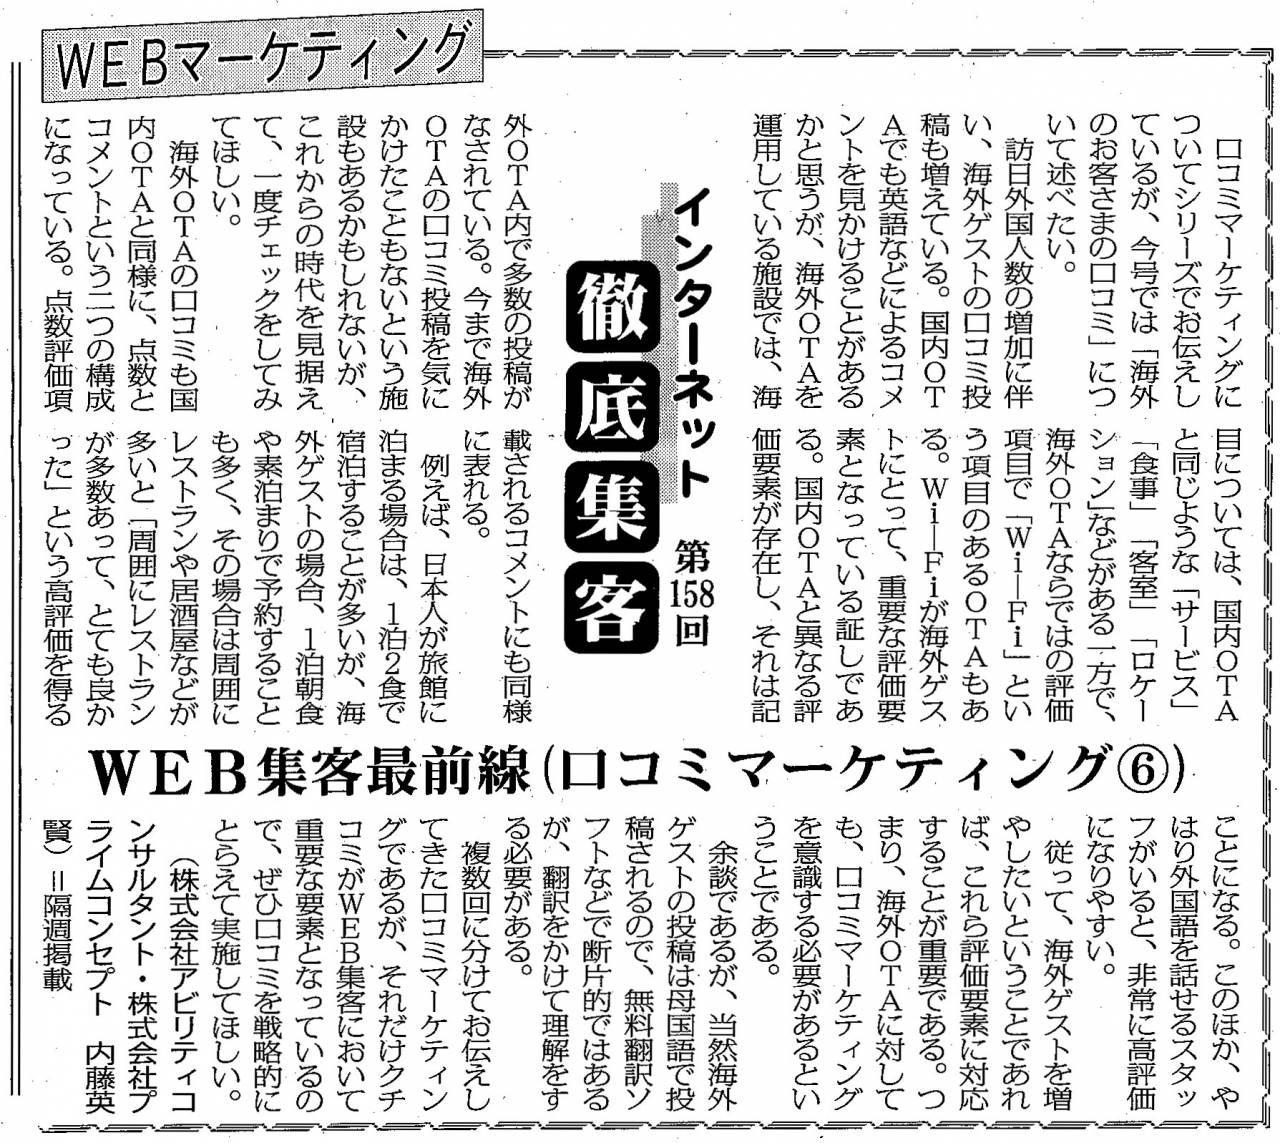 【第158回】WEBマーケティング HPの最新トレンド( 口コミマーケティング 6 )